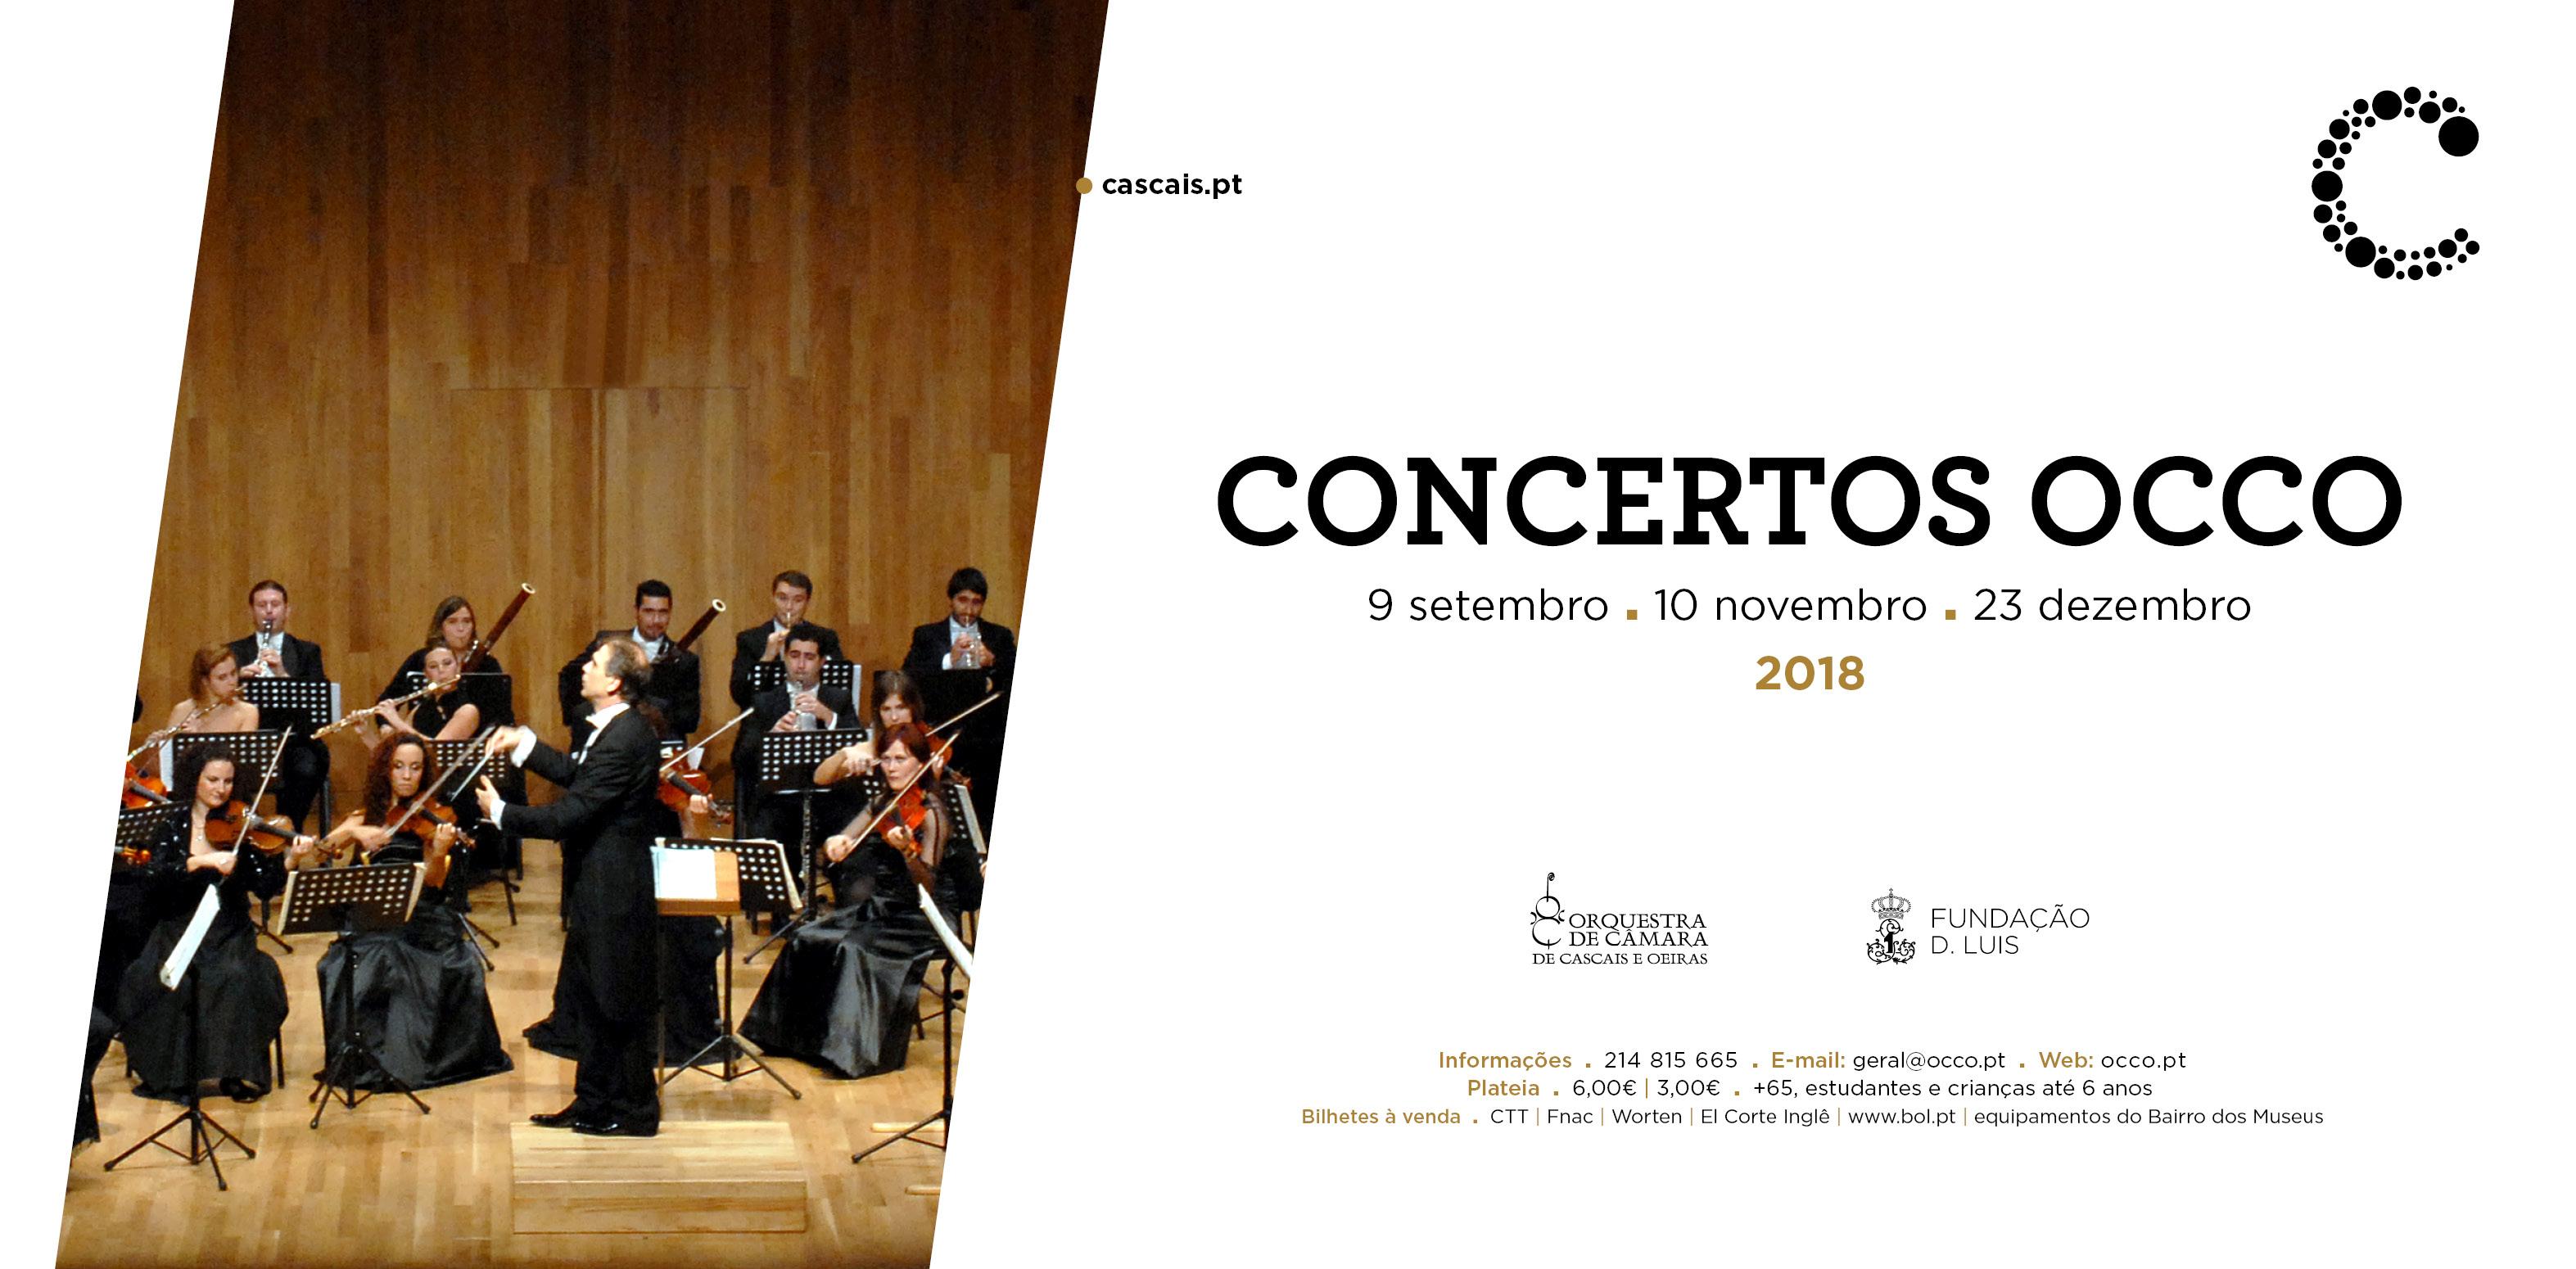 Concertos OCCO